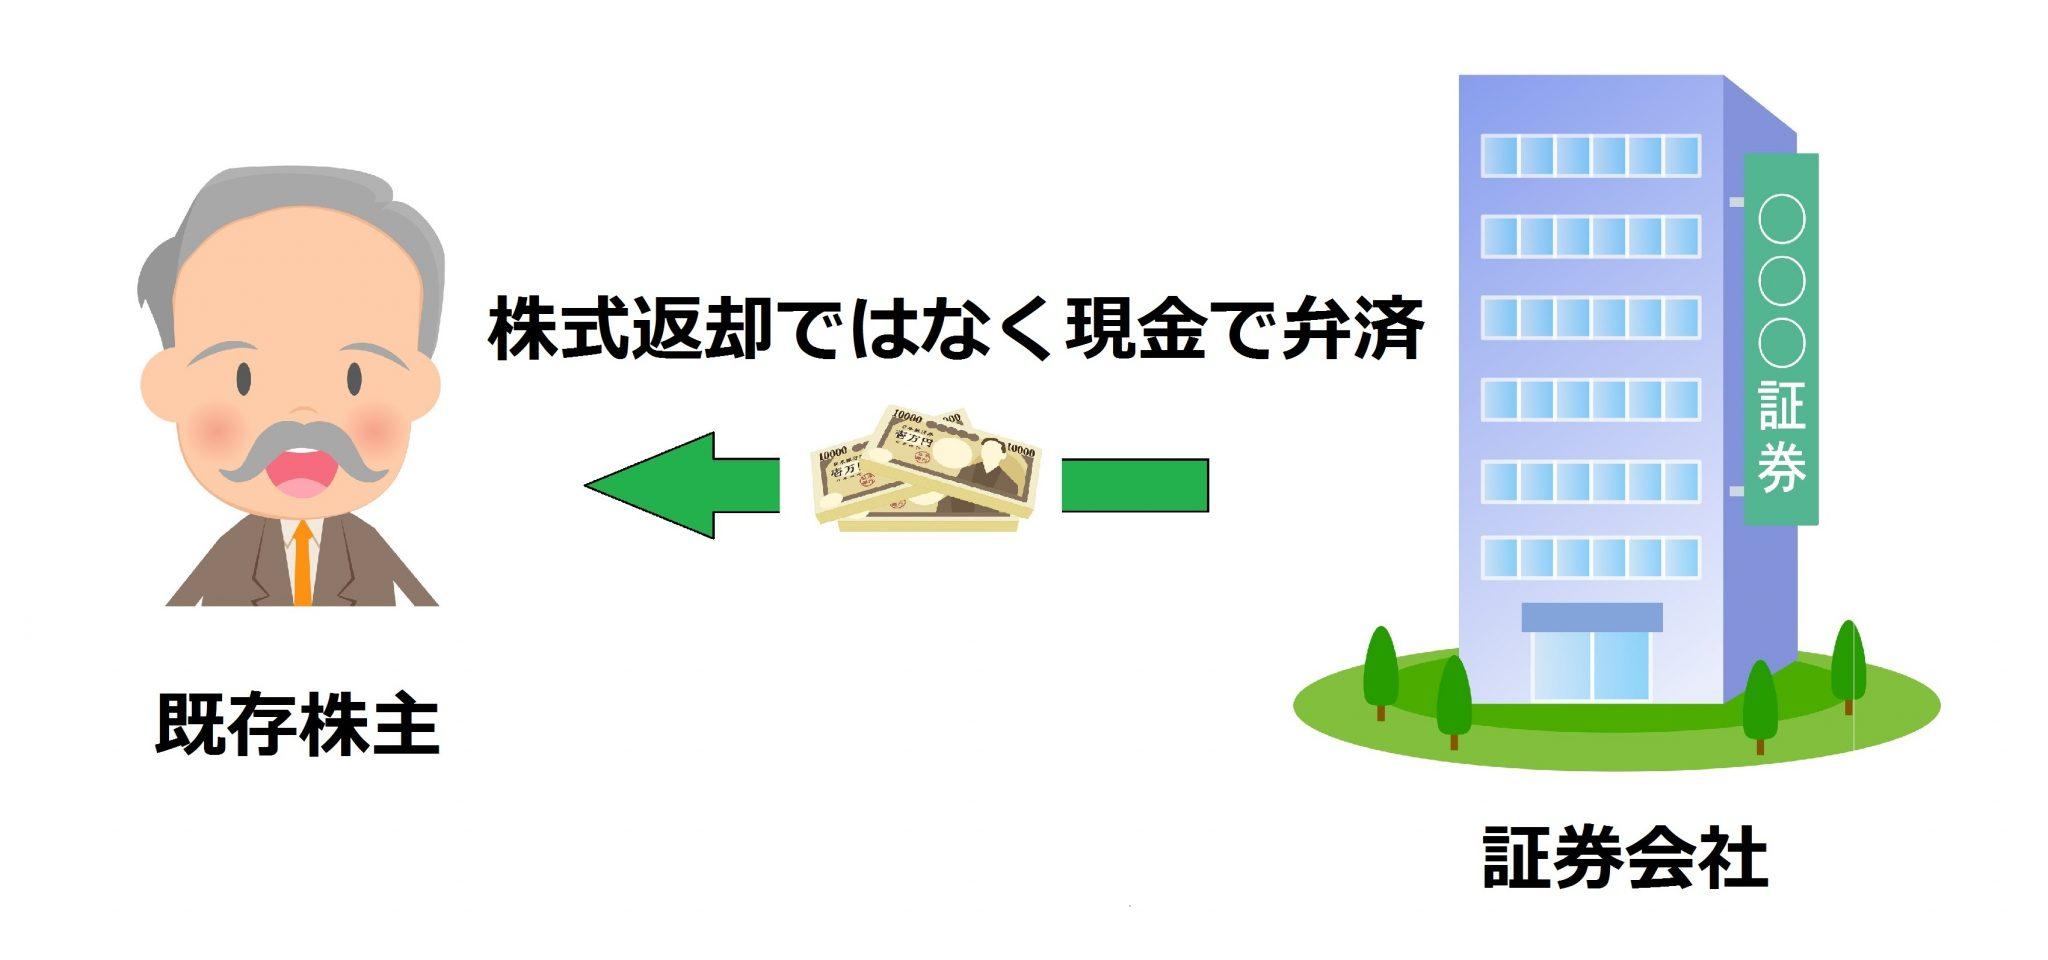 【図解】グリーンシューオプション「現金弁済」